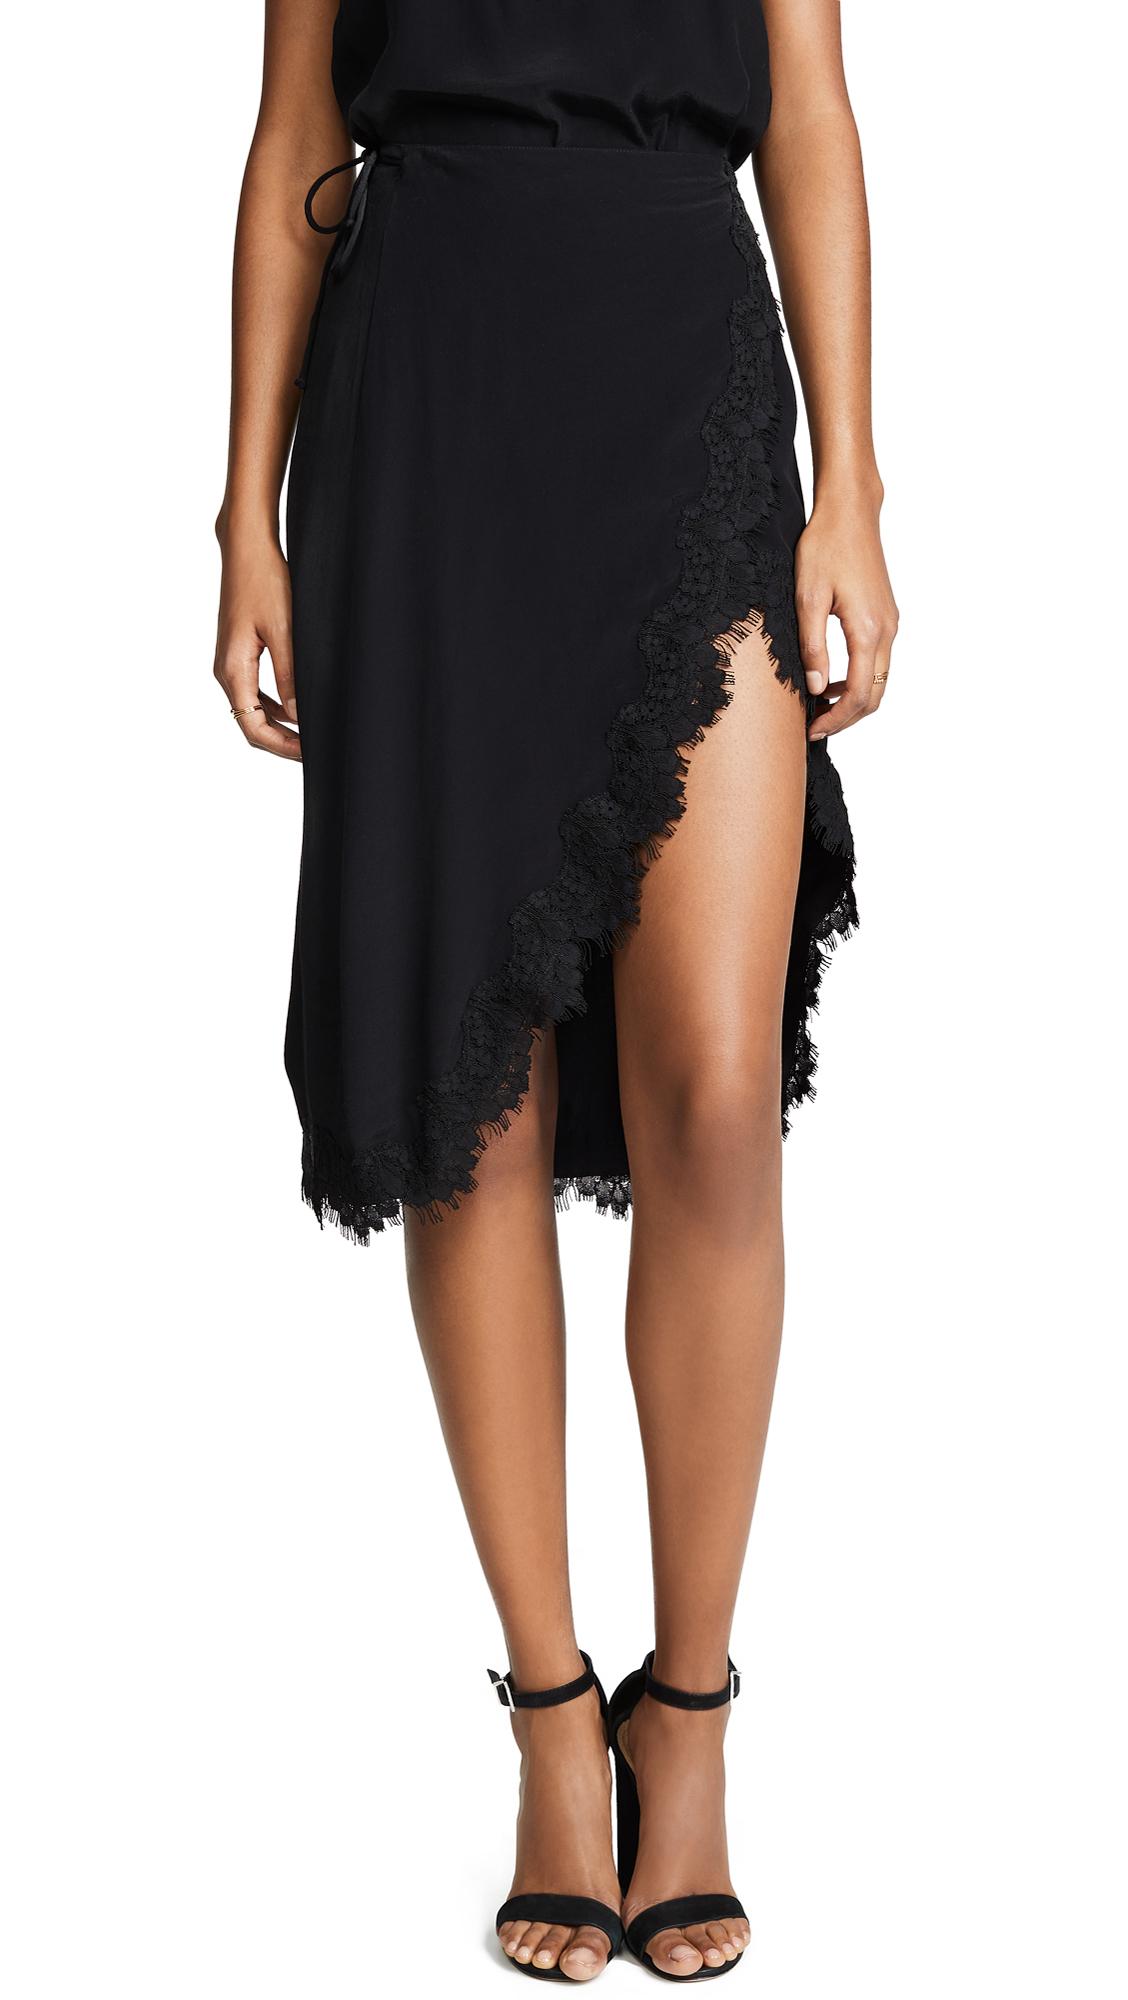 CLEOBELLA Josephine Skirt in Black